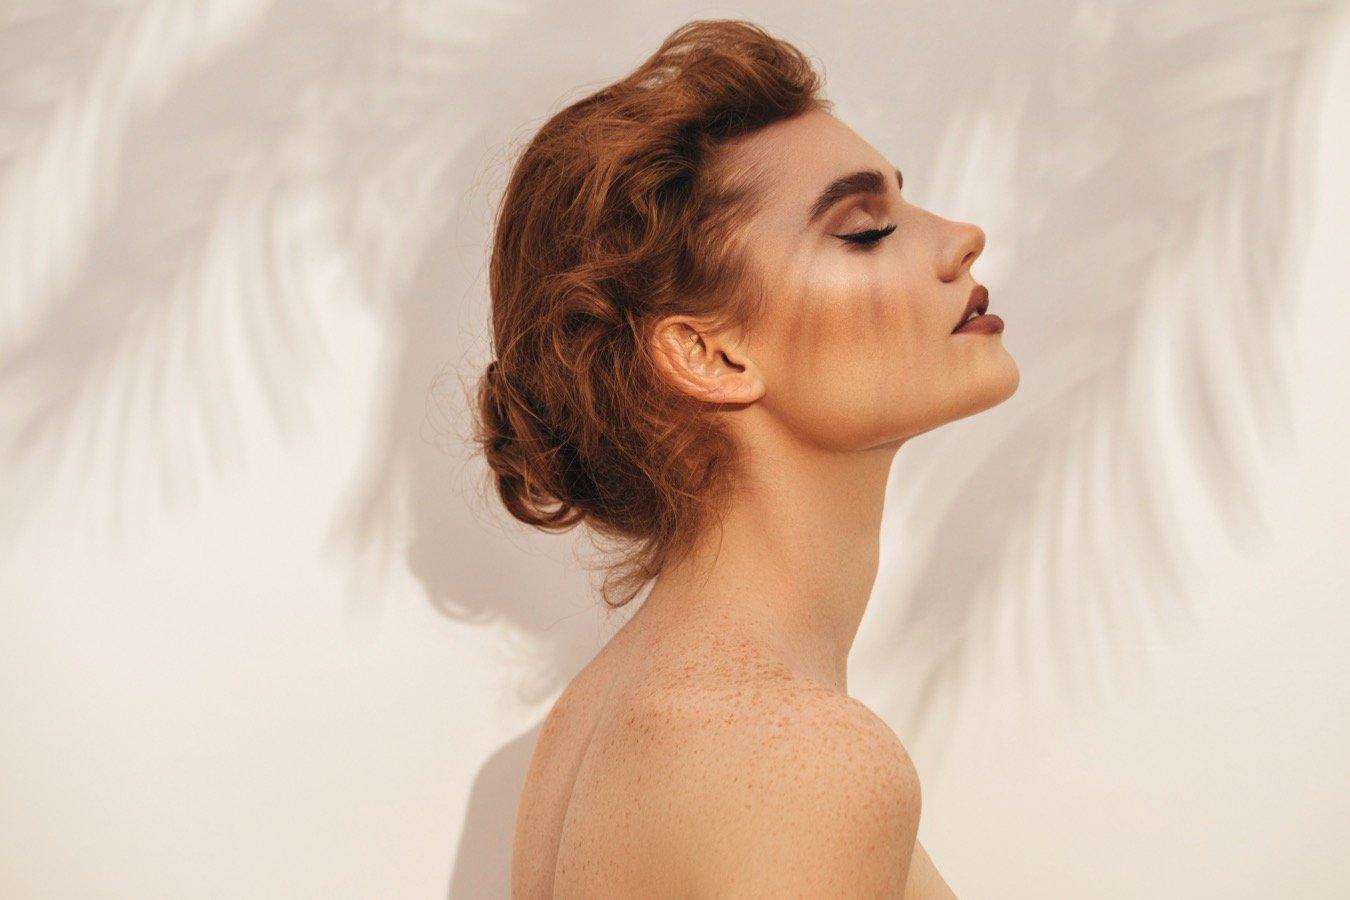 Стоит ли наносить макияж на тренировку